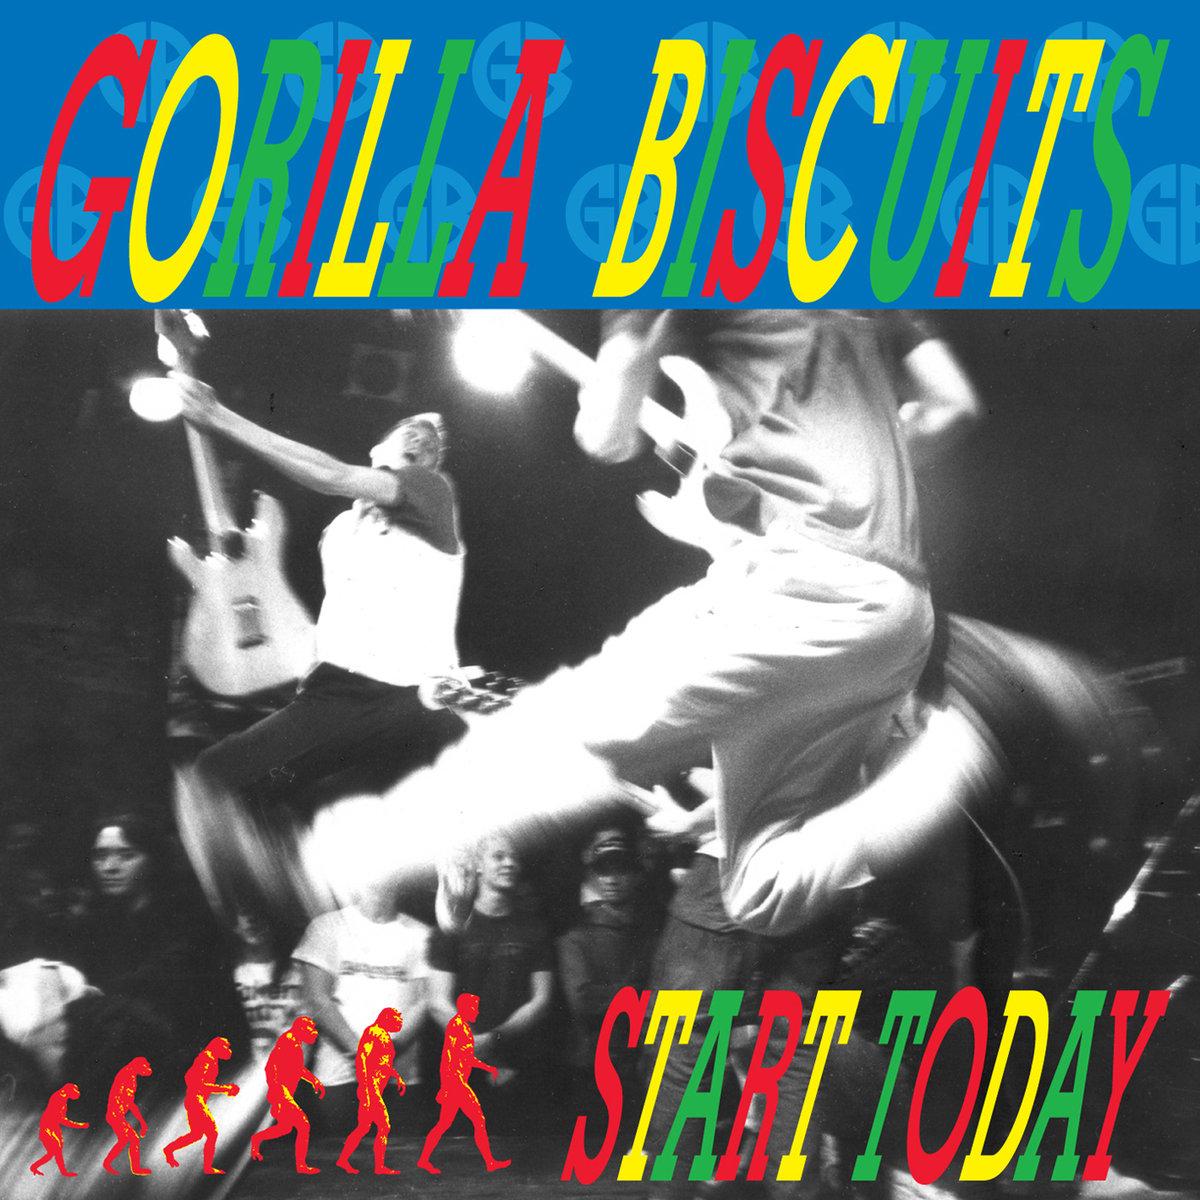 Gorilla Biscuits - Start Today LP